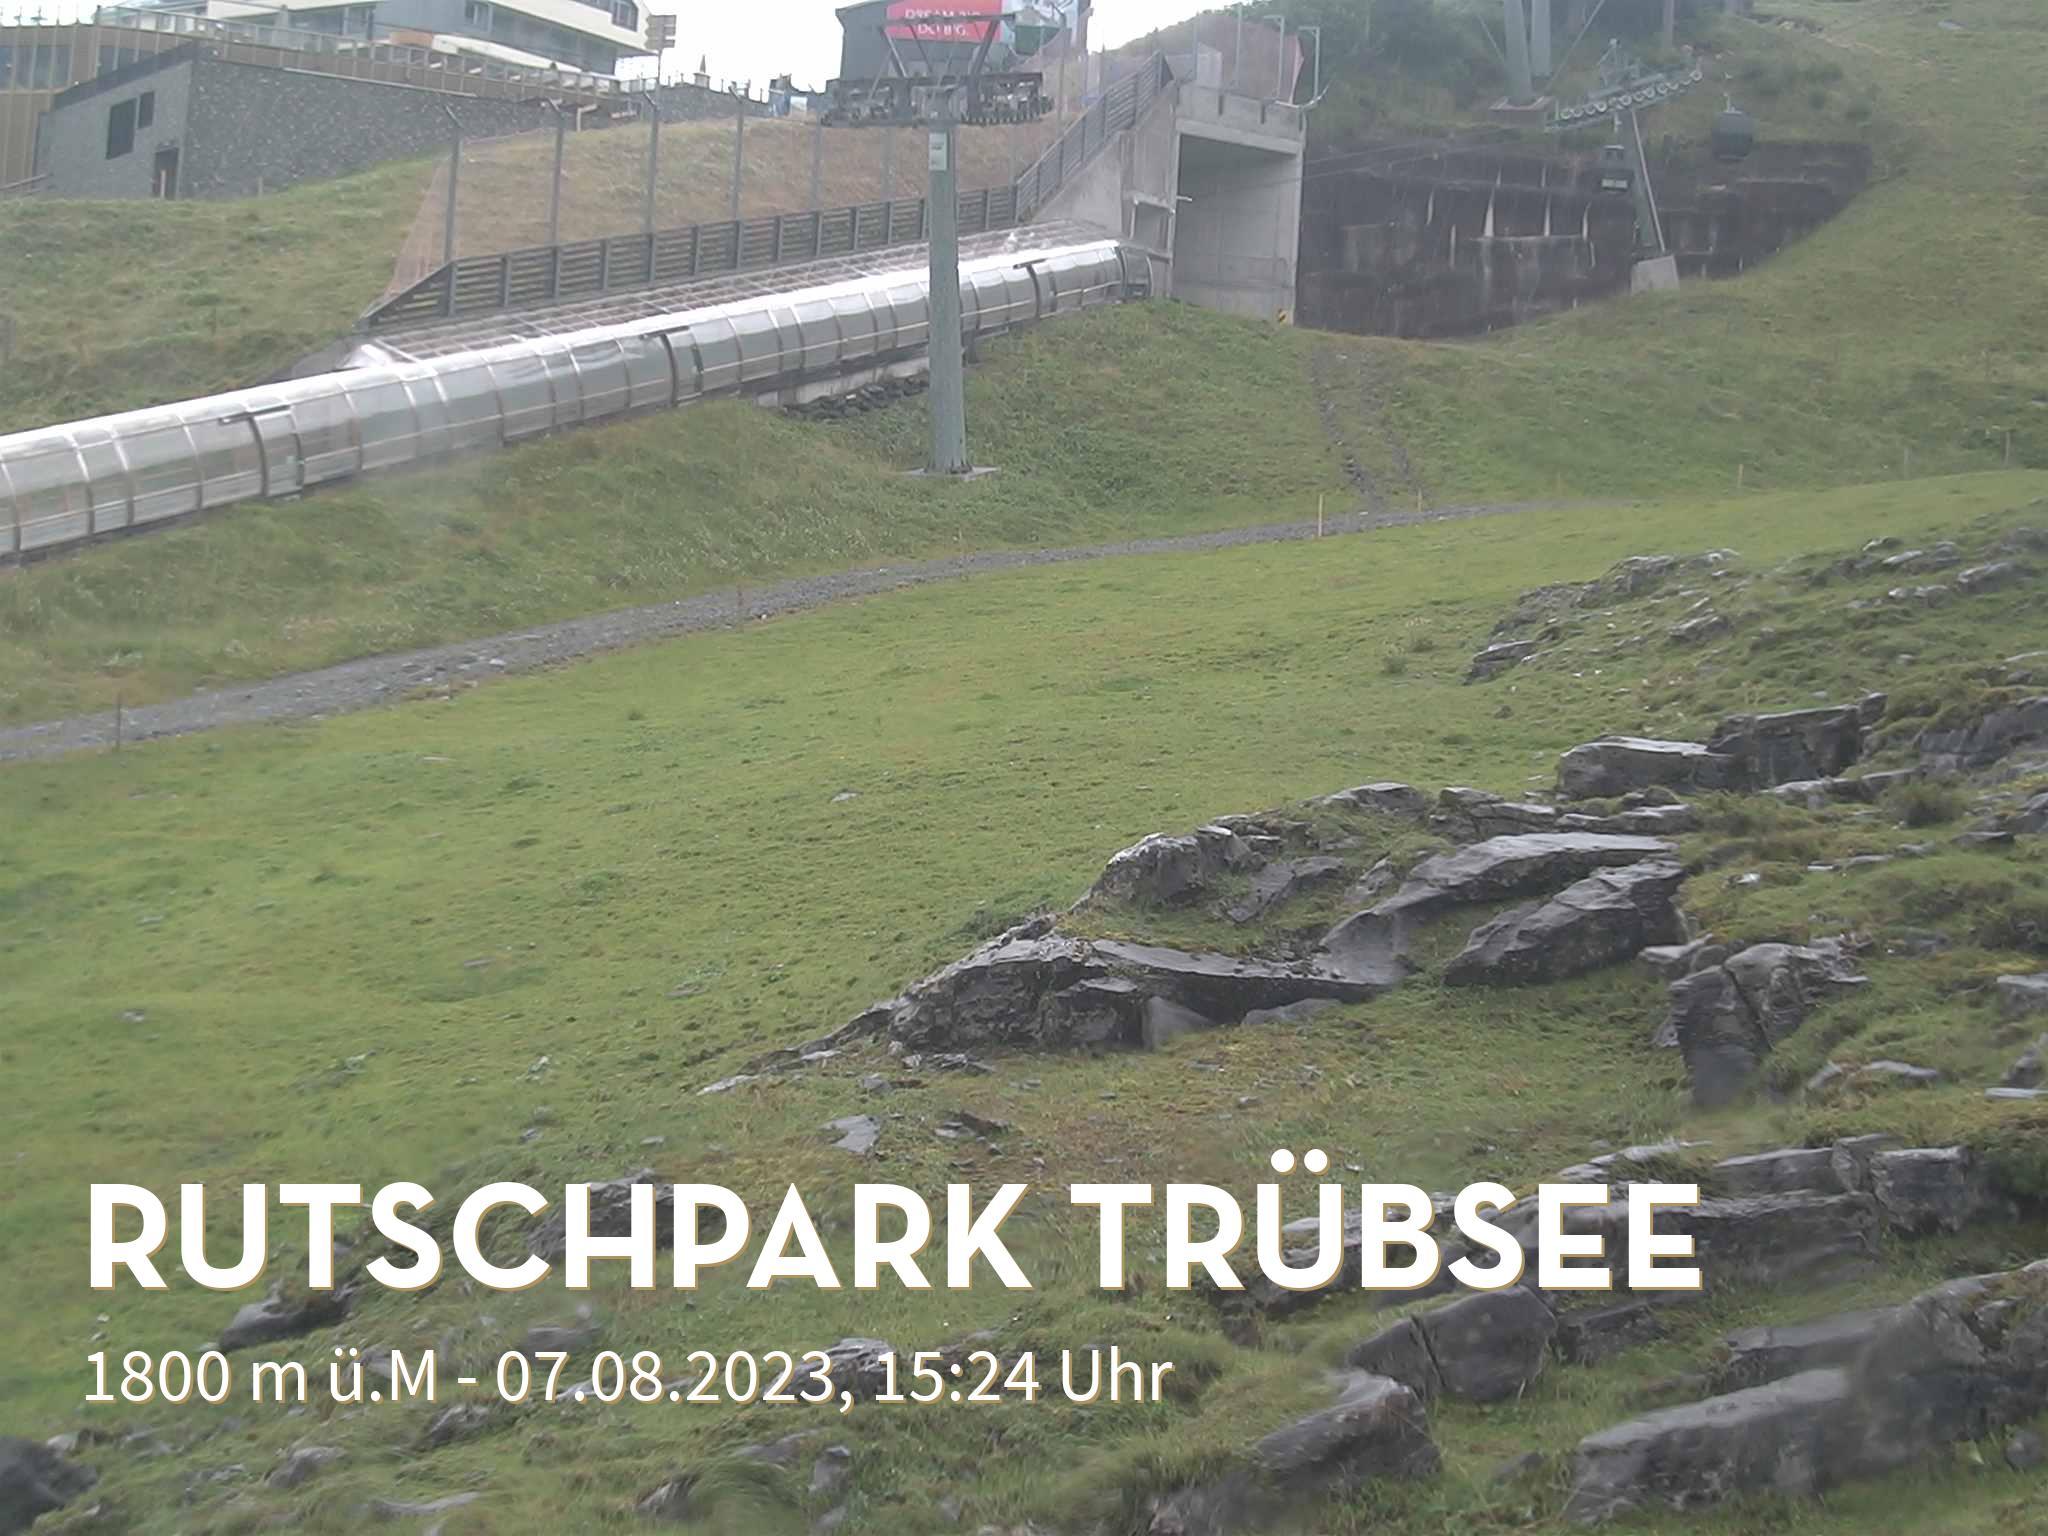 Engelberg webcam - Truebsee Rutschpark